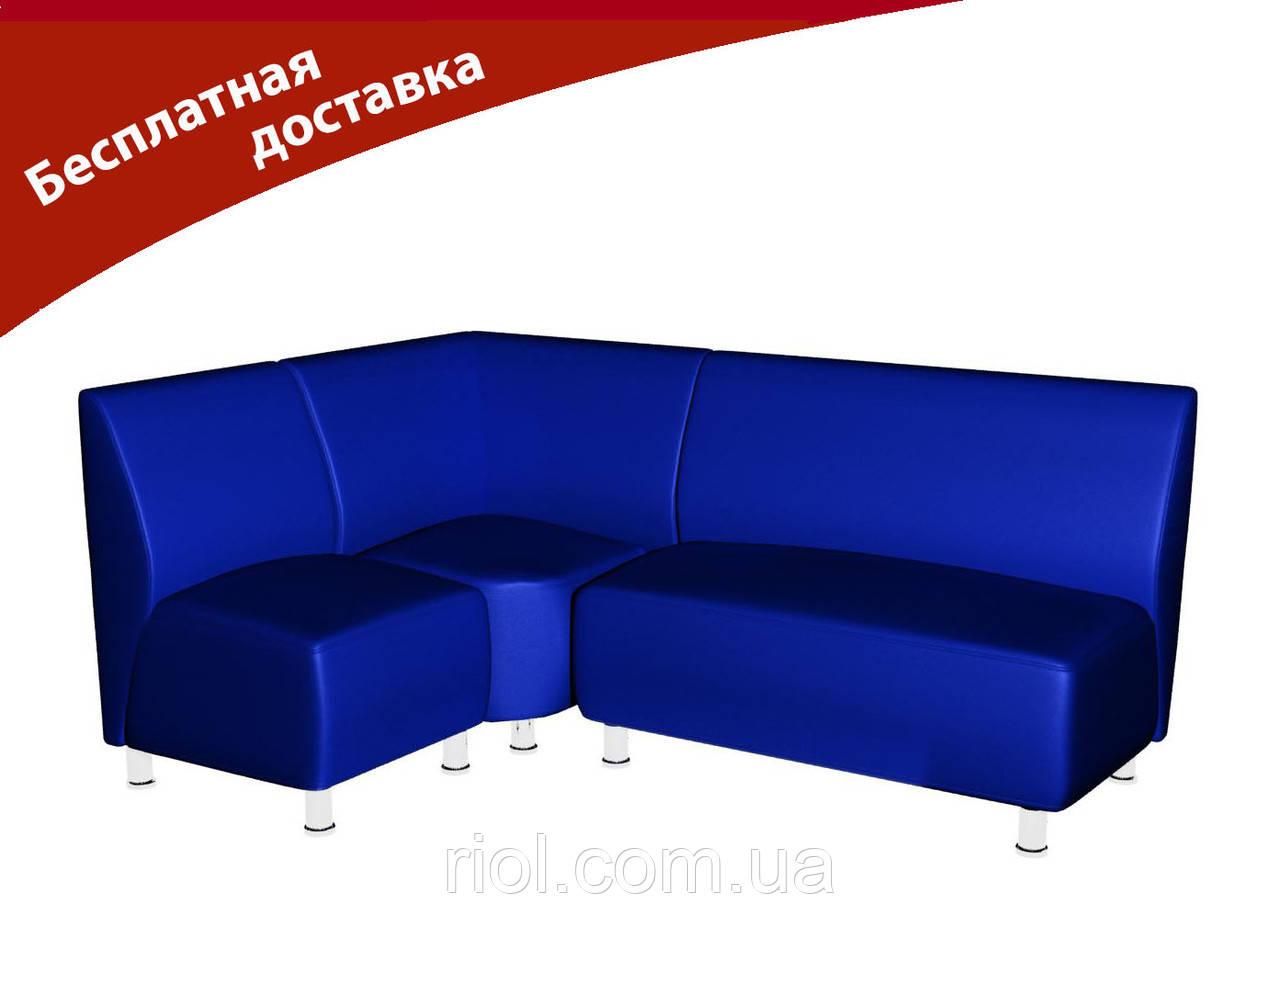 Комплект мягкой мебели для офиса и кафе синий